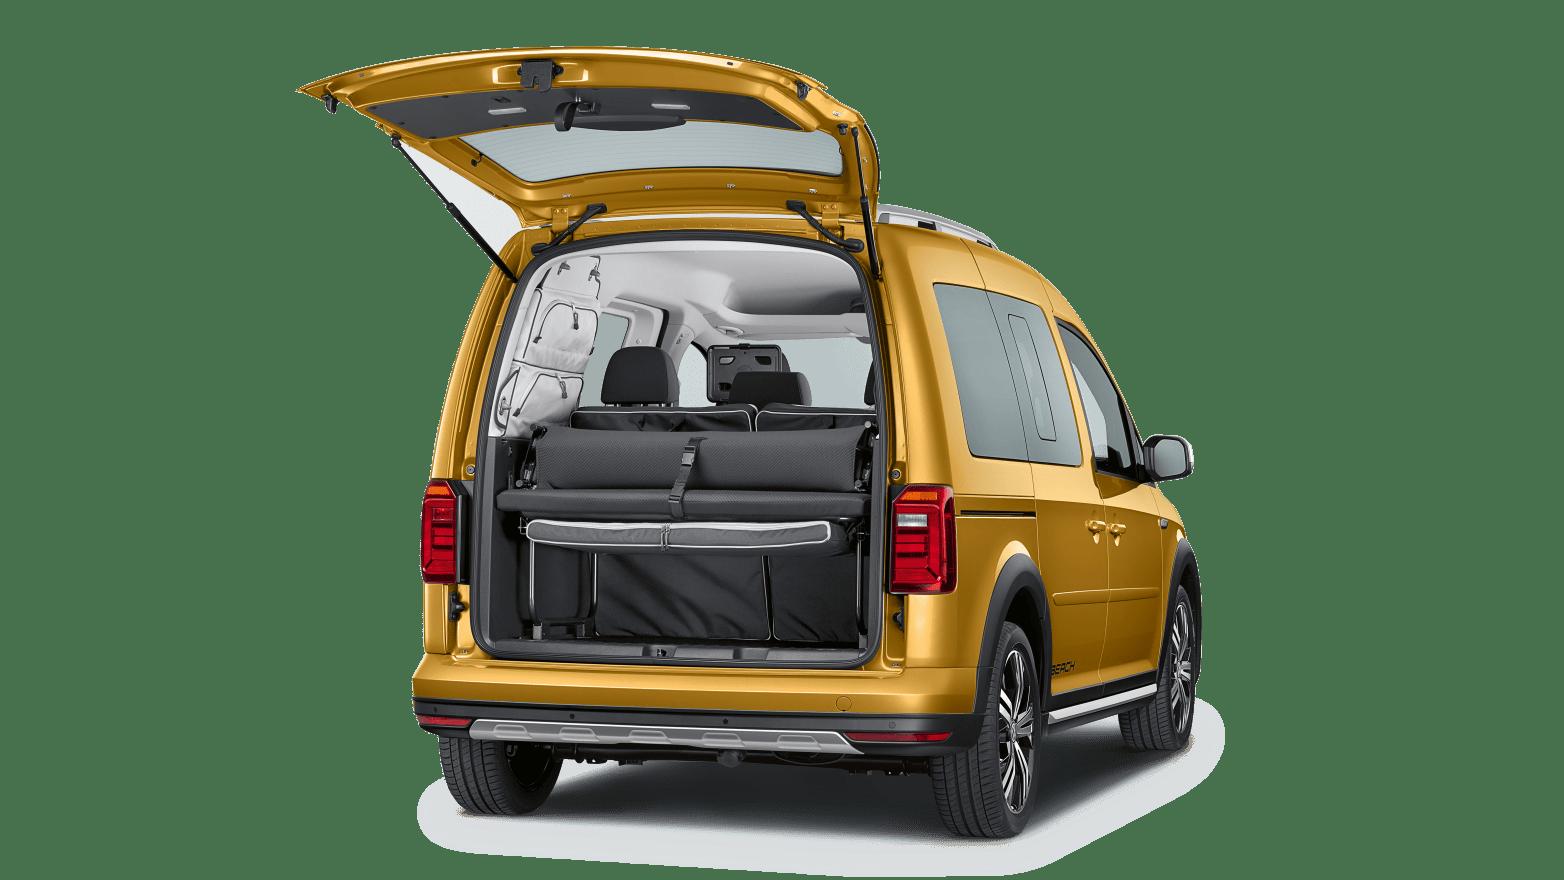 caddy beach volkswagen nutzfahrzeuge. Black Bedroom Furniture Sets. Home Design Ideas